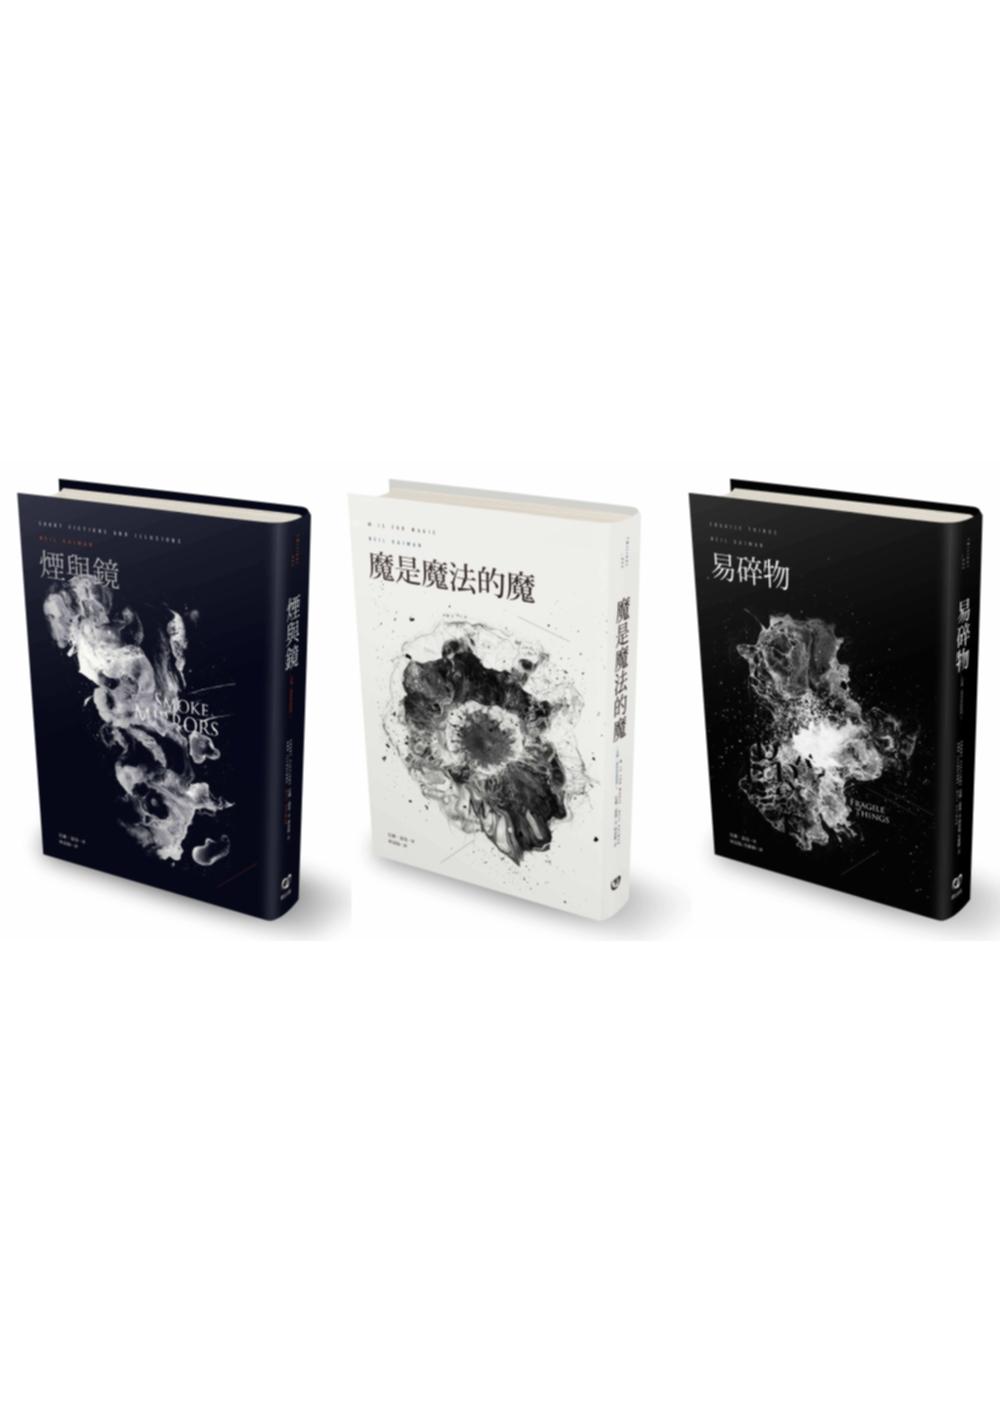 尼爾‧蓋曼短篇精選套書(共3冊)